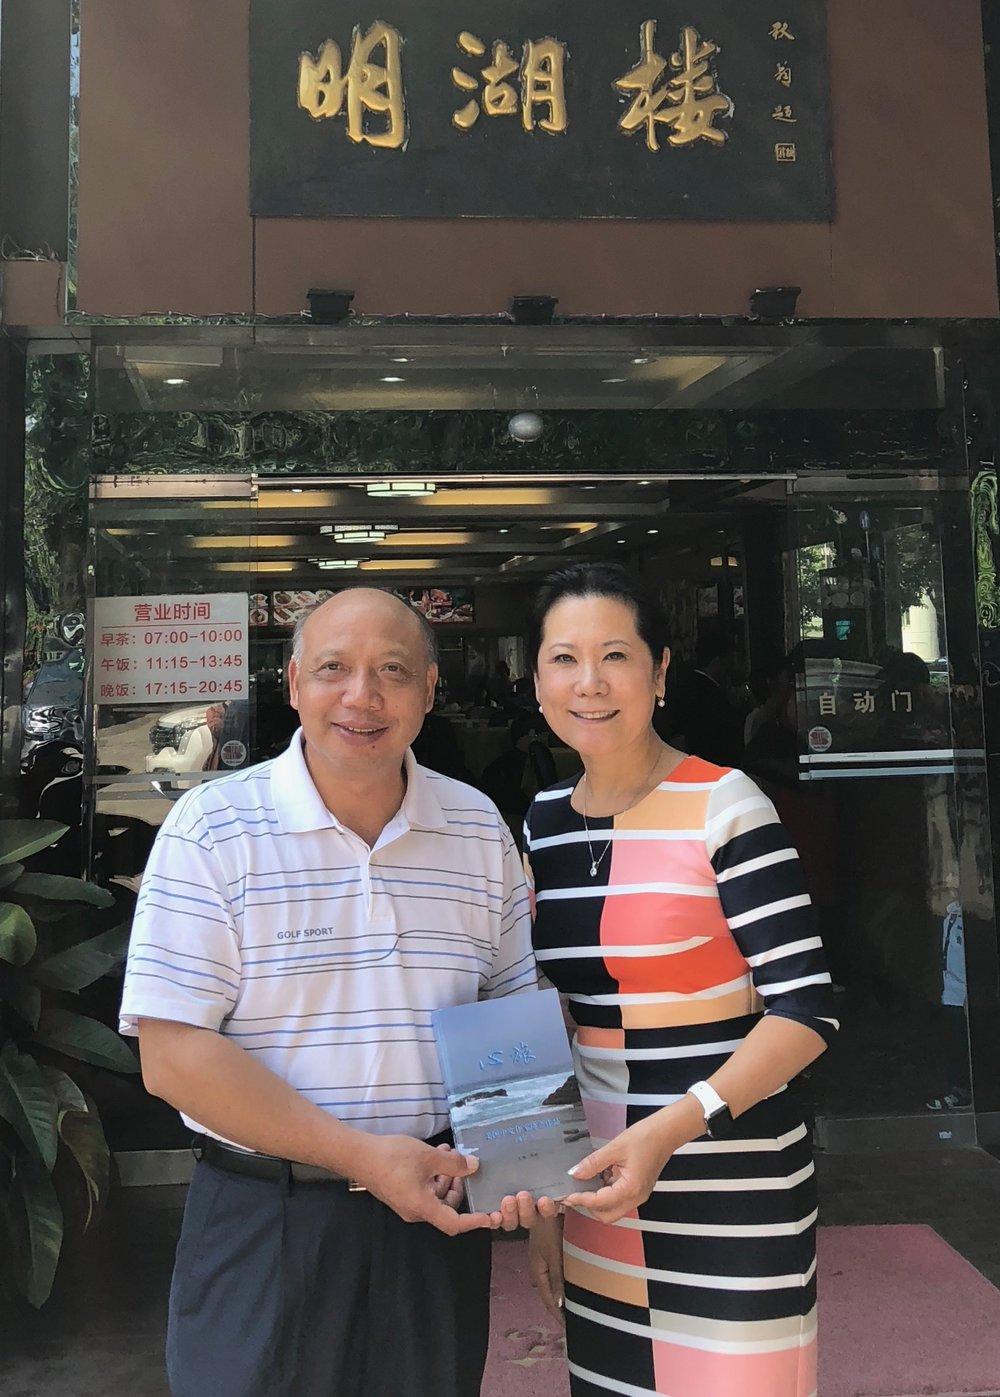 图片:李岘代表作协赠送给蒋主席一本由美国南方出版社出版发行的作协文集《心旅》